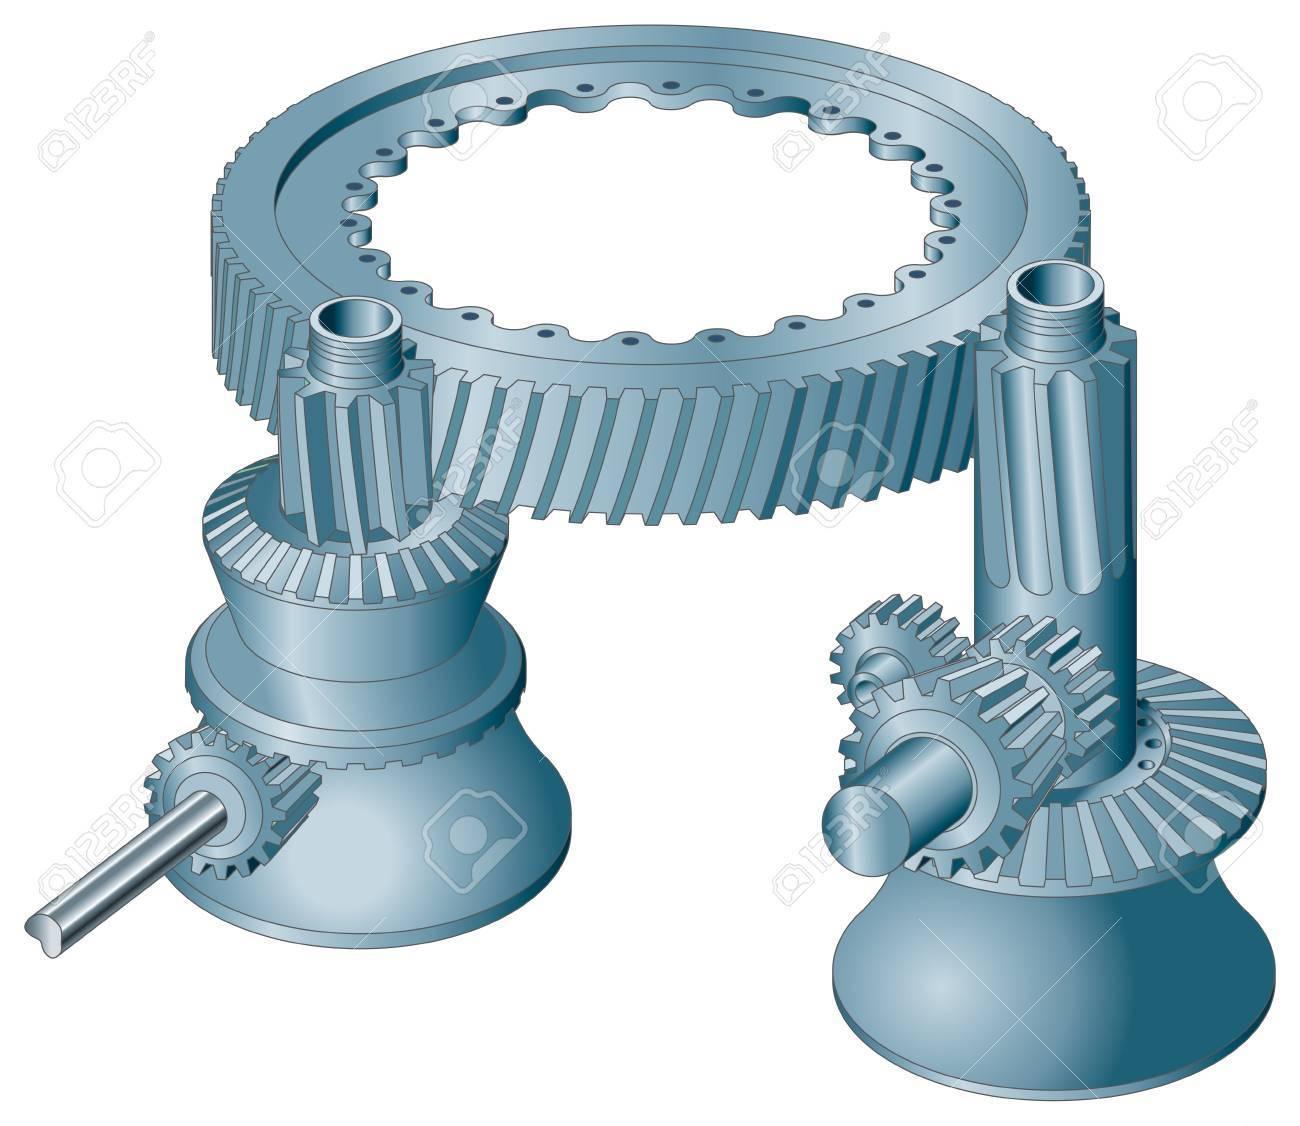 Meshing machine gear wheels cogwheels vector image Stock Vector - 18700216